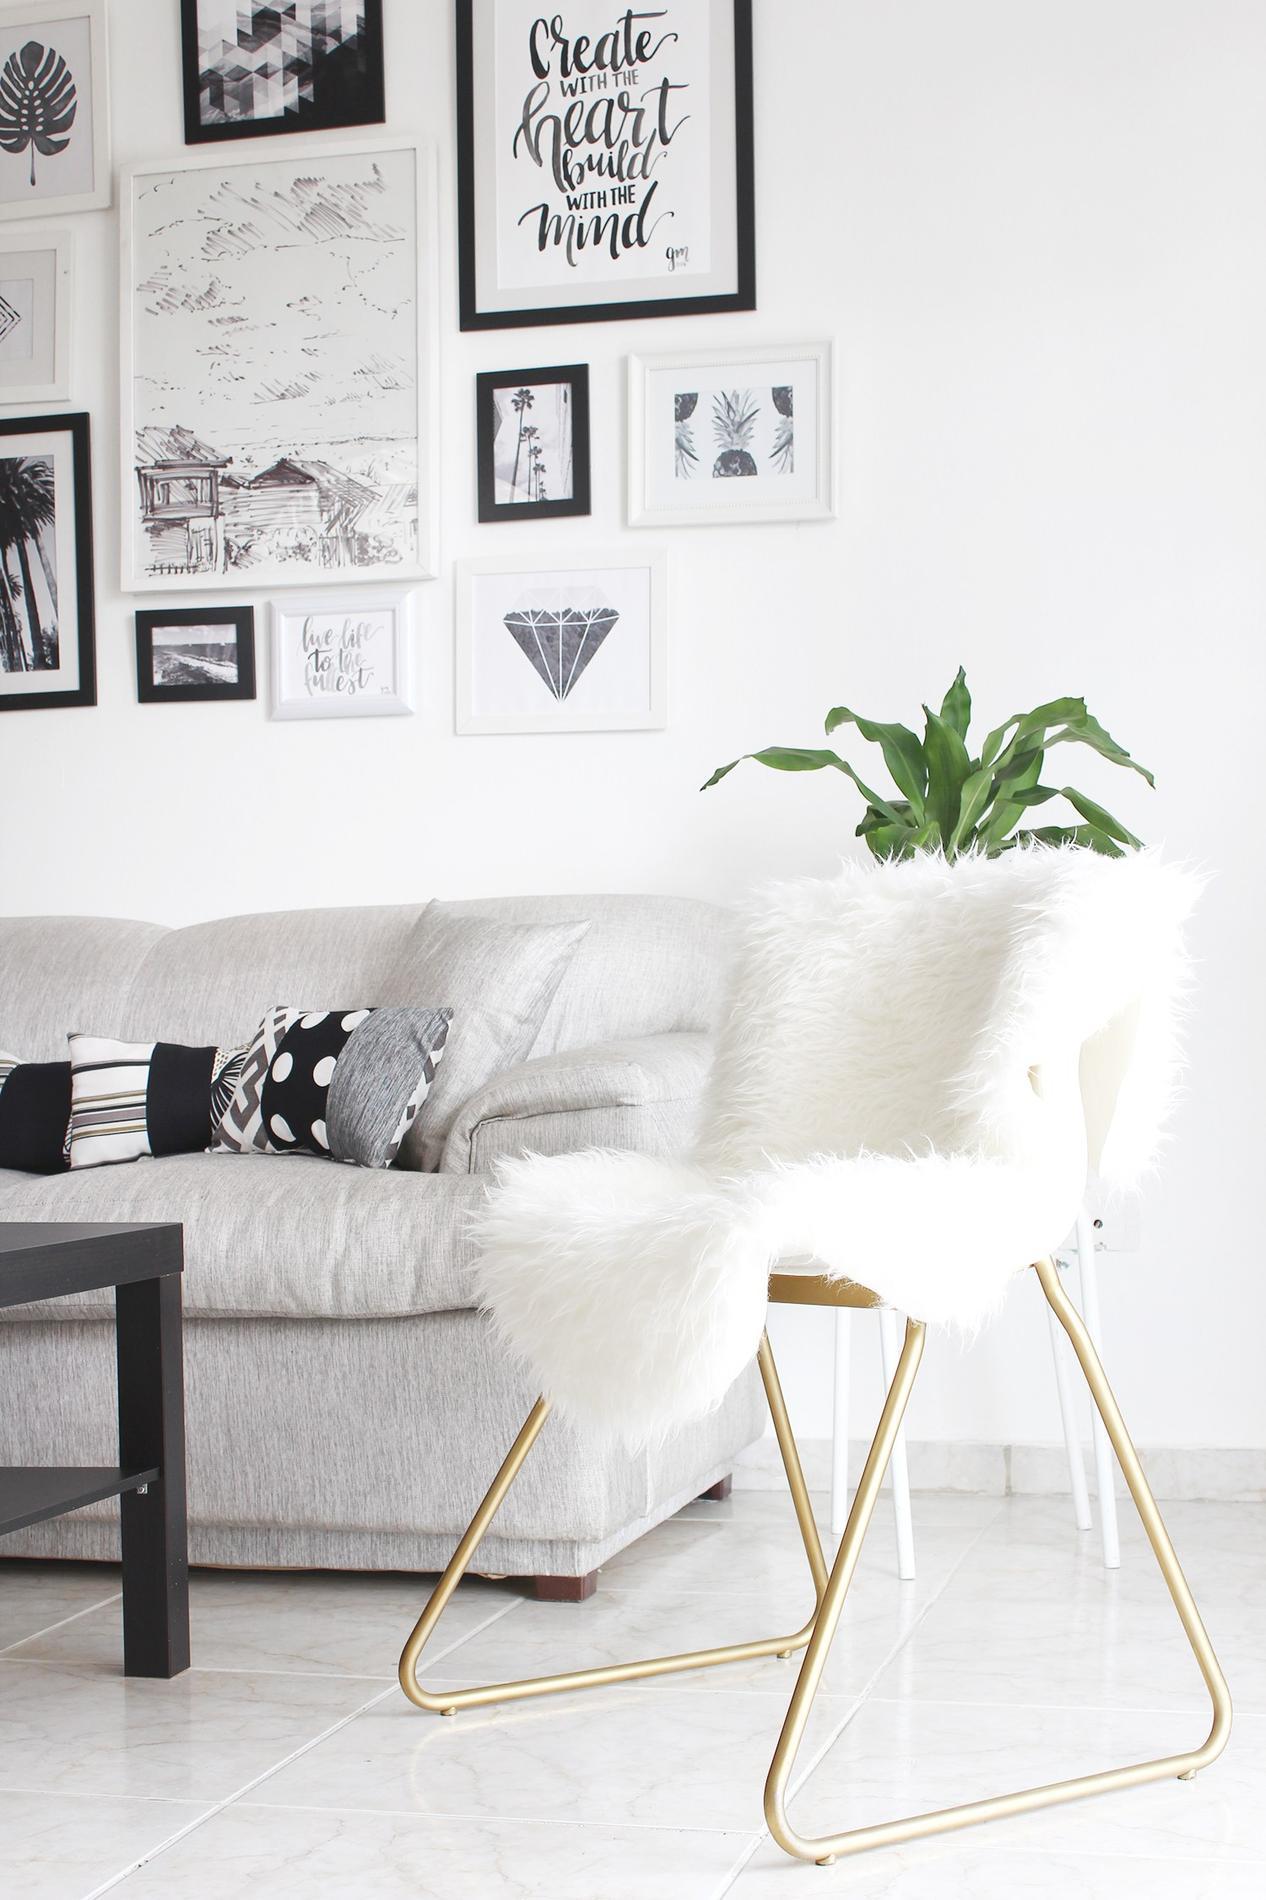 ikea hacks comment donner une deuxi me jeunesse vos meubles ikea madame figaro. Black Bedroom Furniture Sets. Home Design Ideas